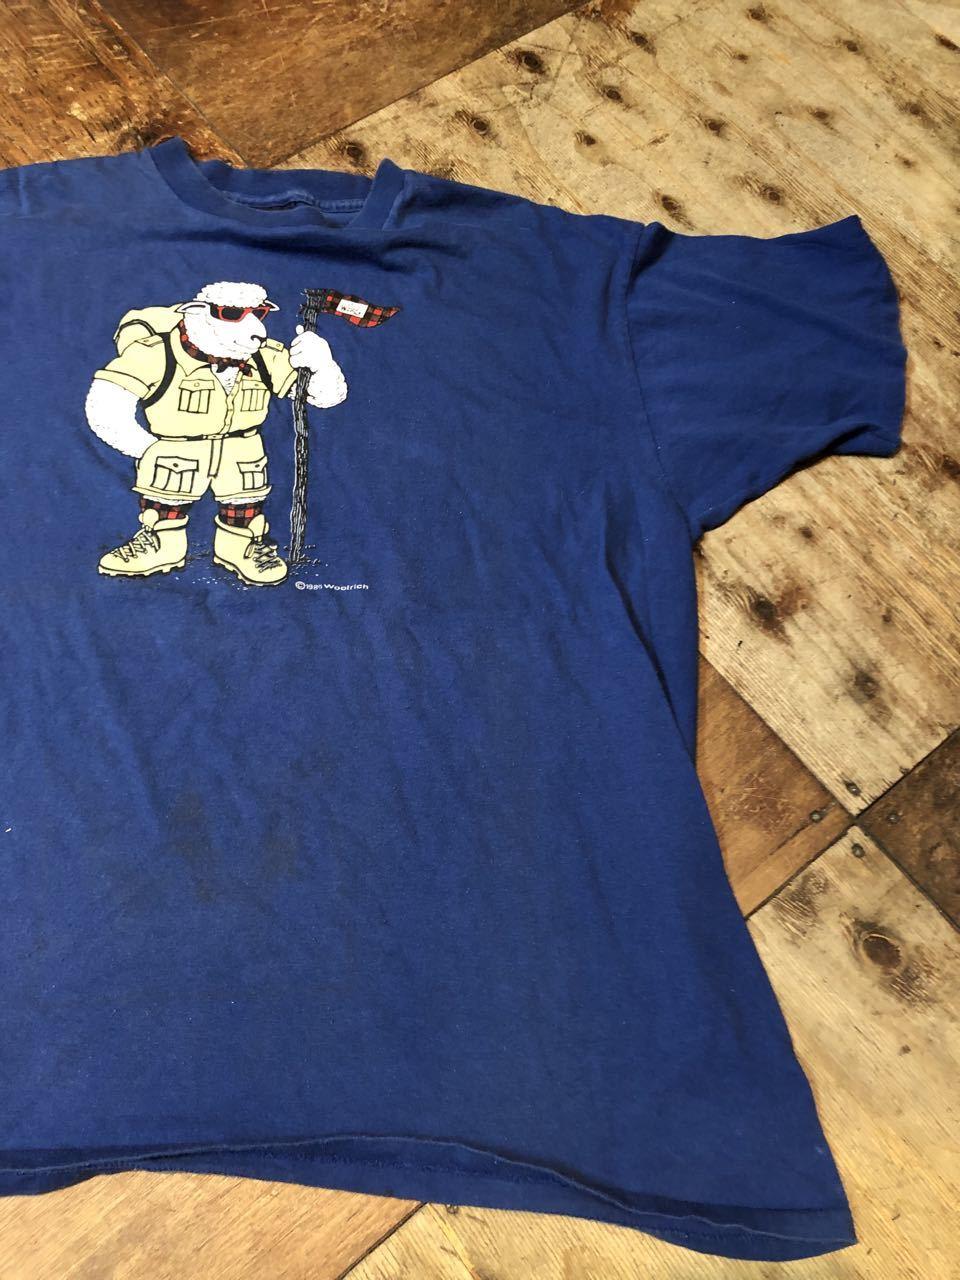 7月24日(金)入荷!80s RARE WOOL RICH Tシャツ!MADE IN U.S.A all cotton 2枚_c0144020_17064232.jpg